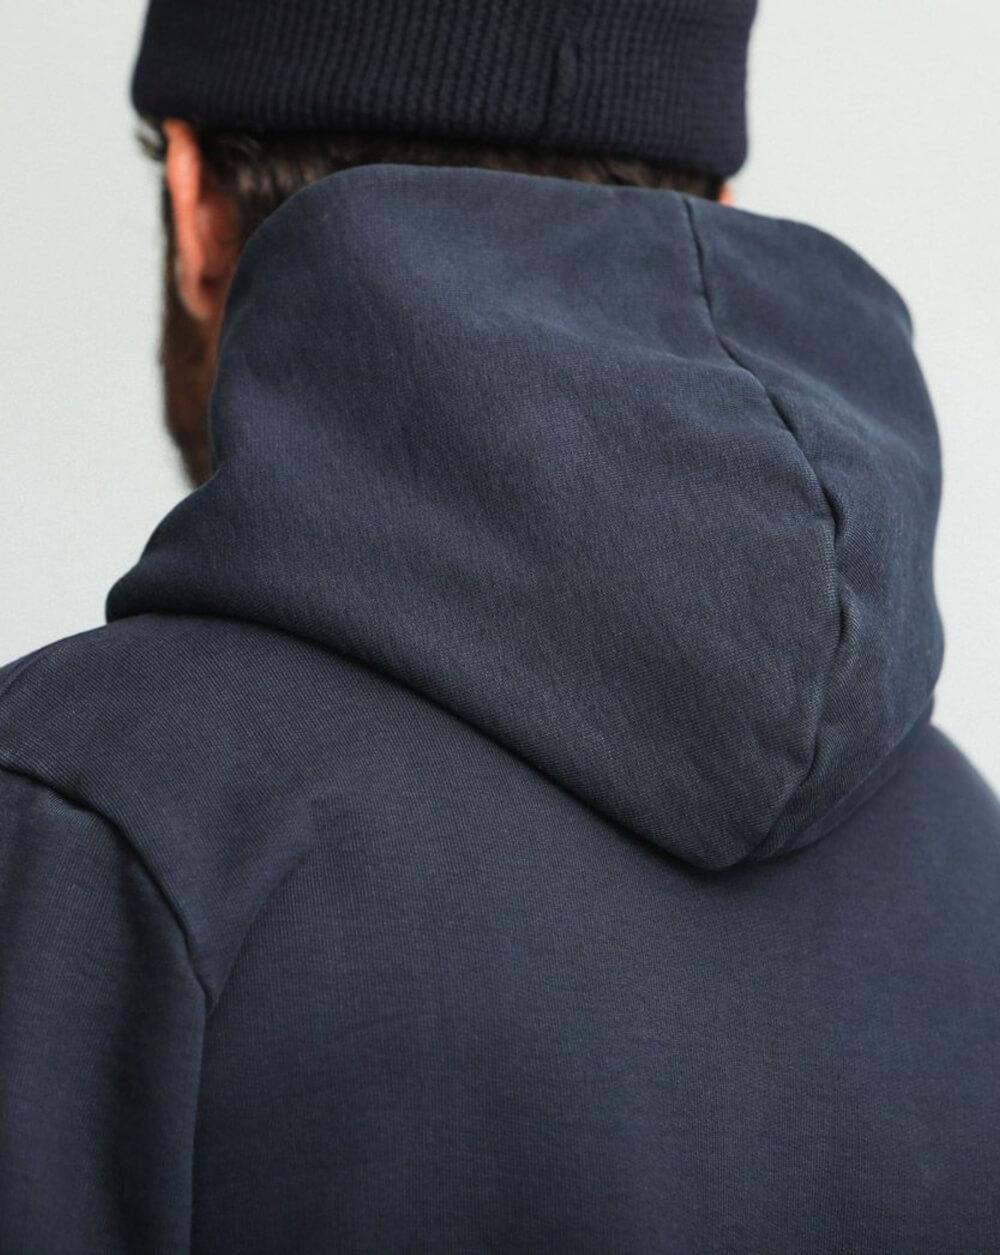 Best men's hoodies